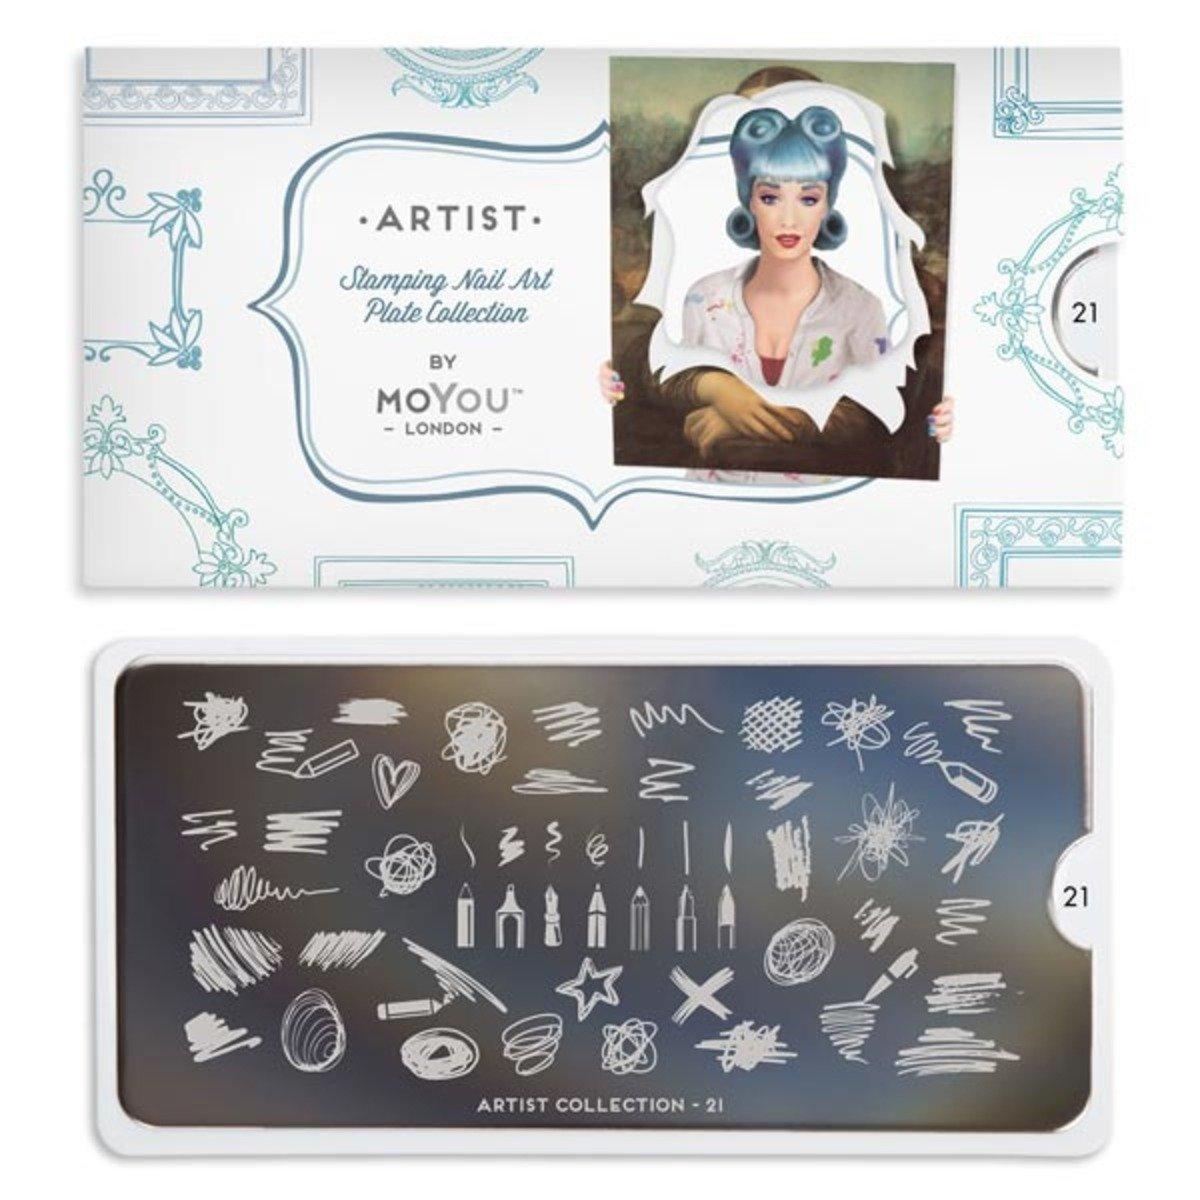 印花板 - 藝術家系列 21